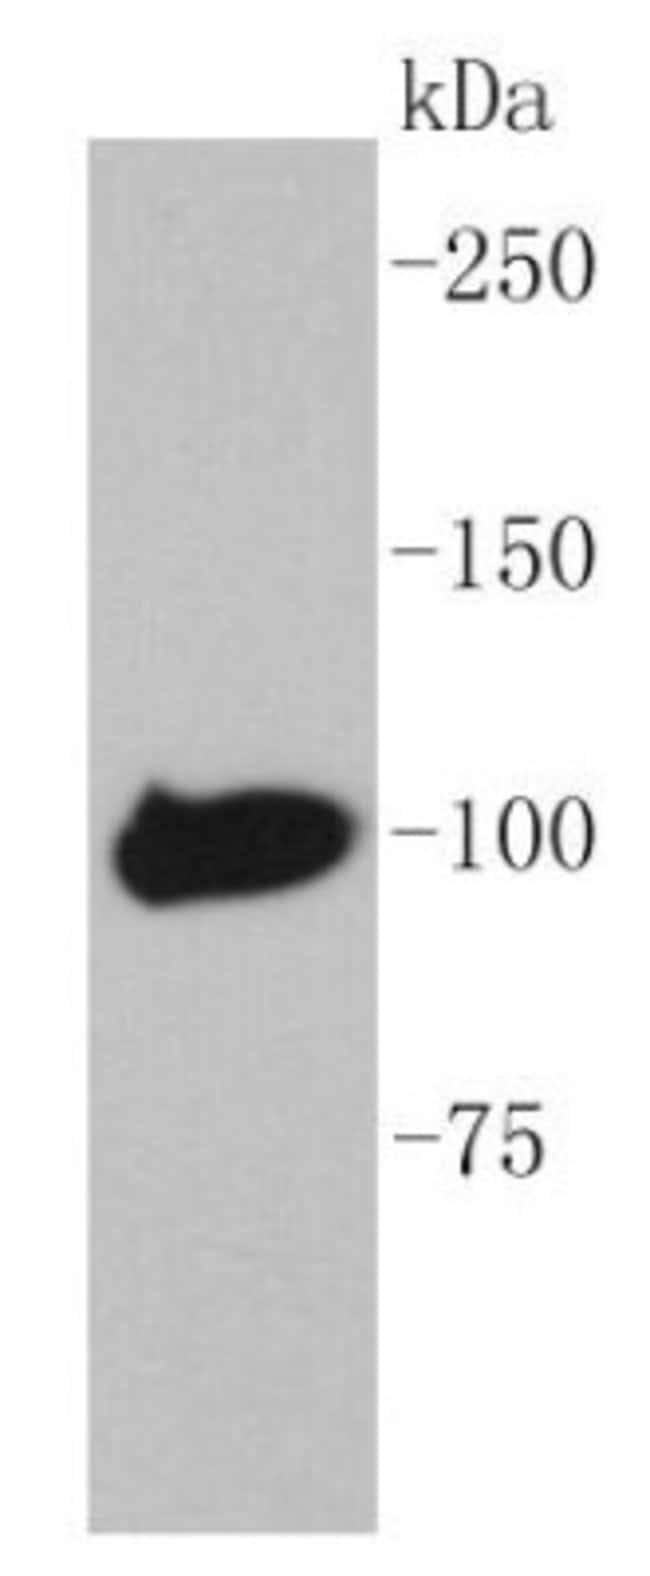 MaltoseBindingProtein Rabbit anti-E. coli, Clone: SR41-04, Novus Biologicals